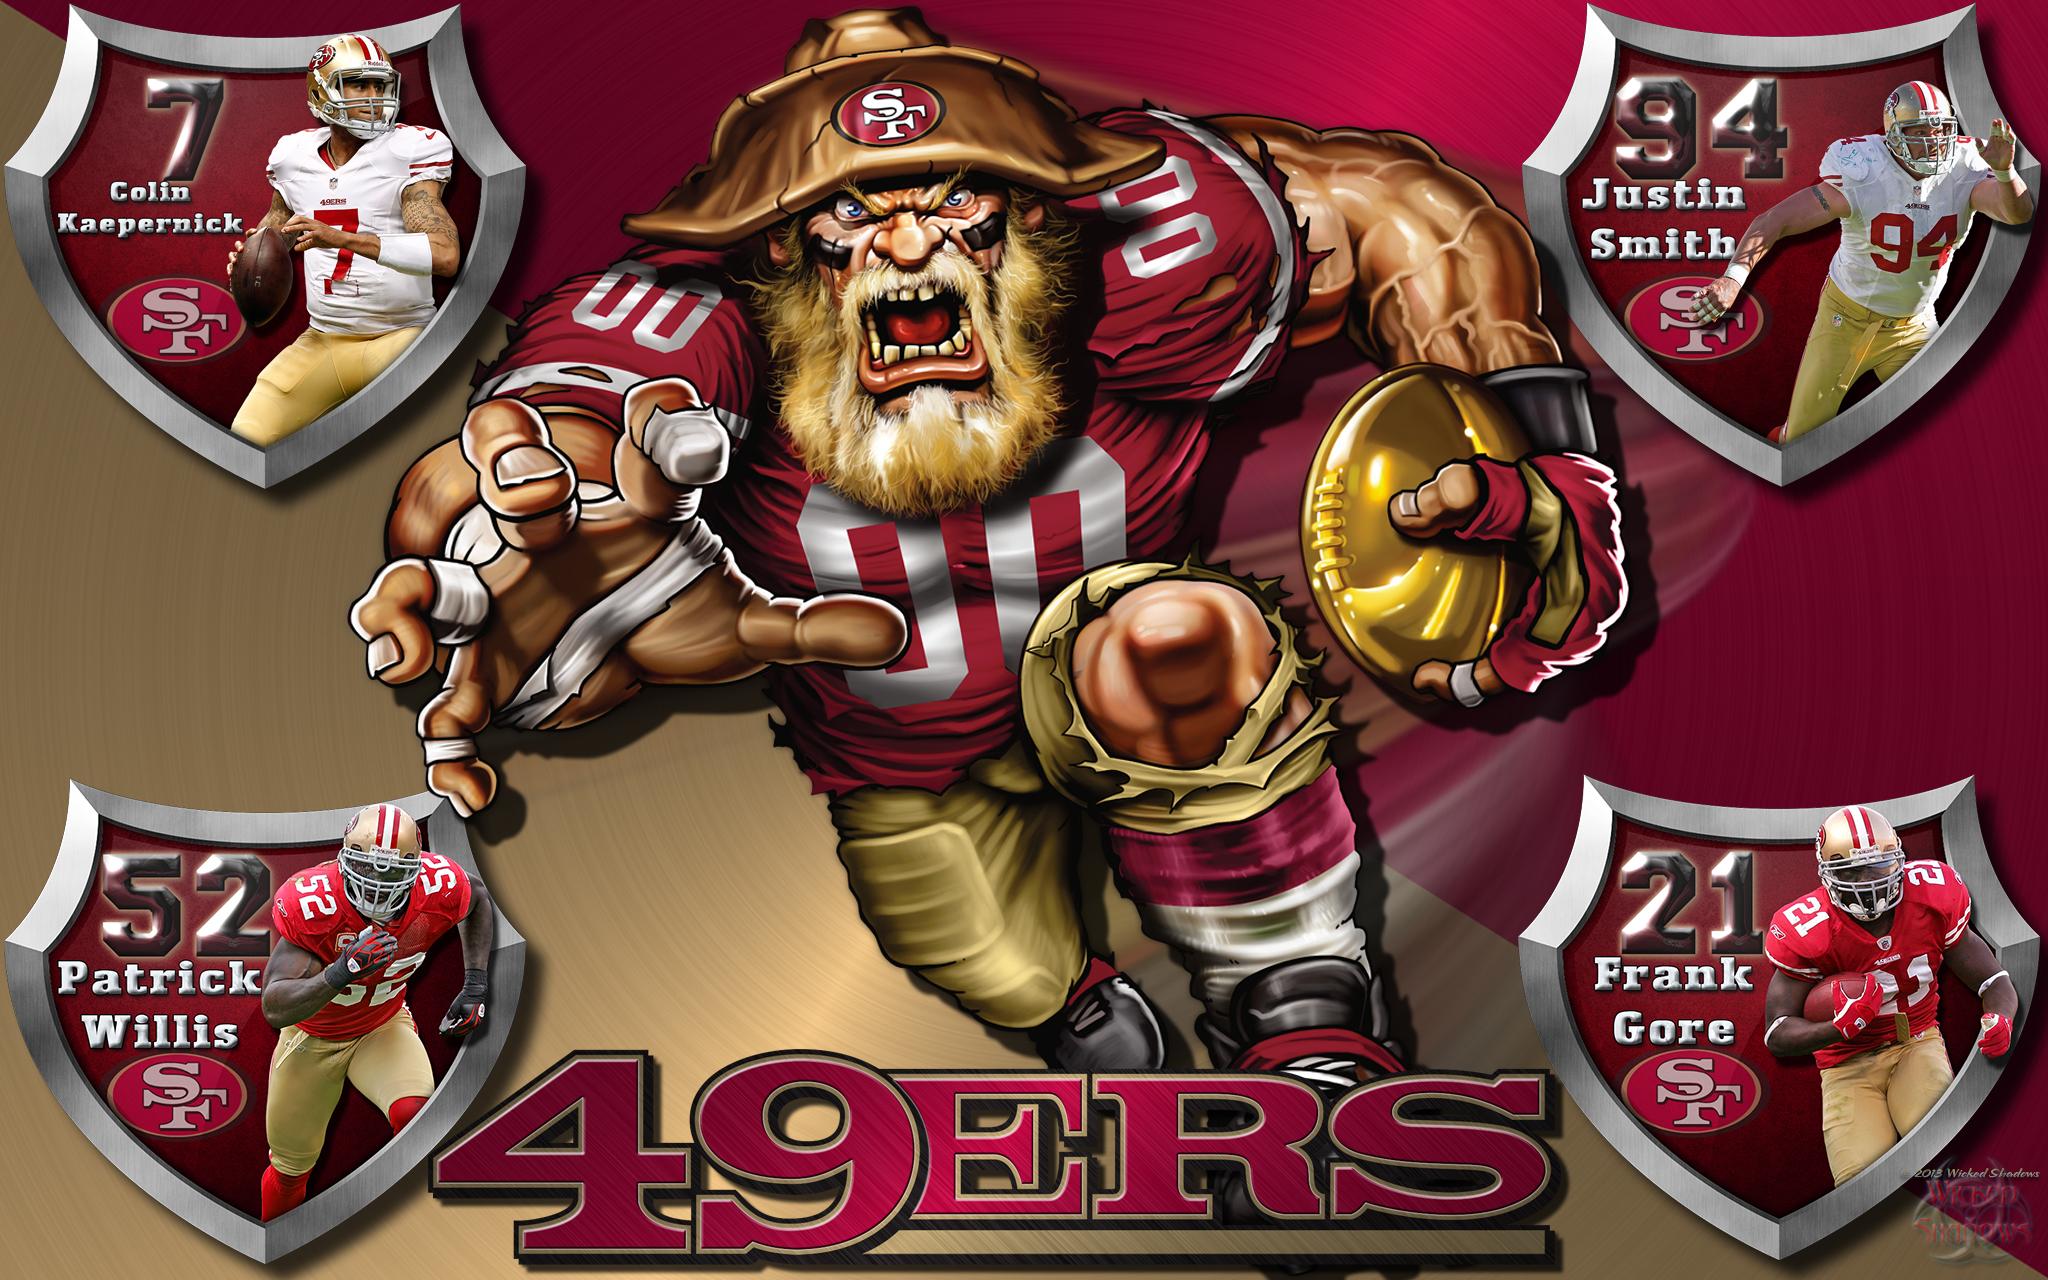 49+ Cool 49ers Wallpaper on WallpaperSafari